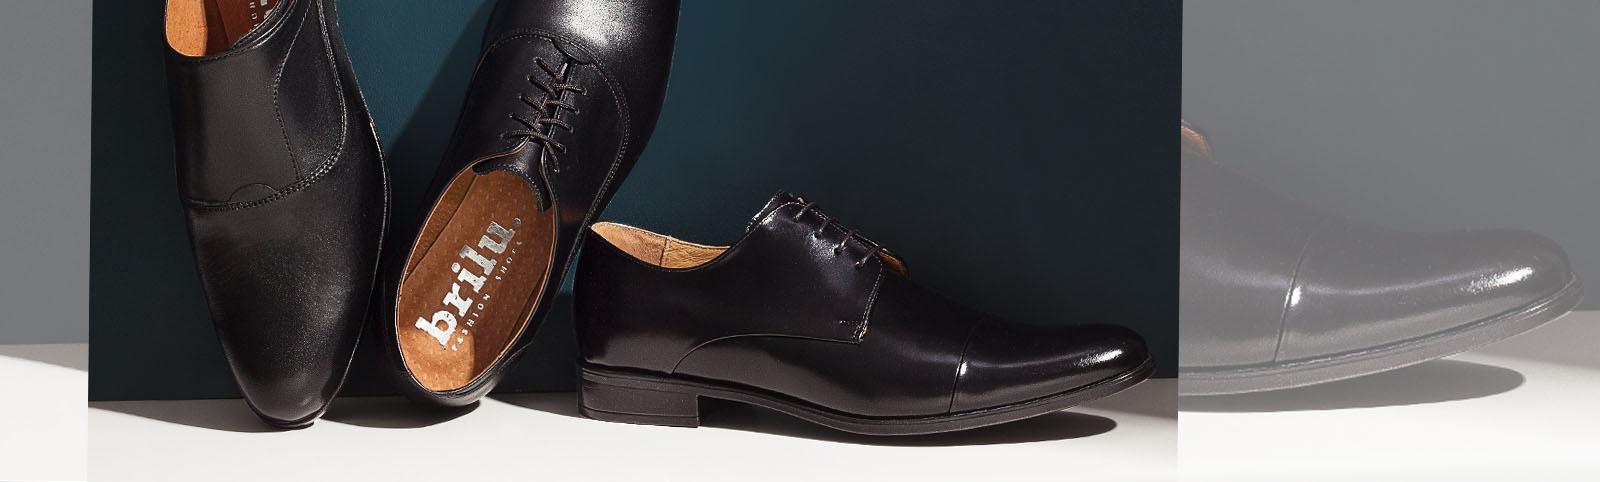 Jakie buty męskie wybrać na wesele?   Blog Brilu.pl